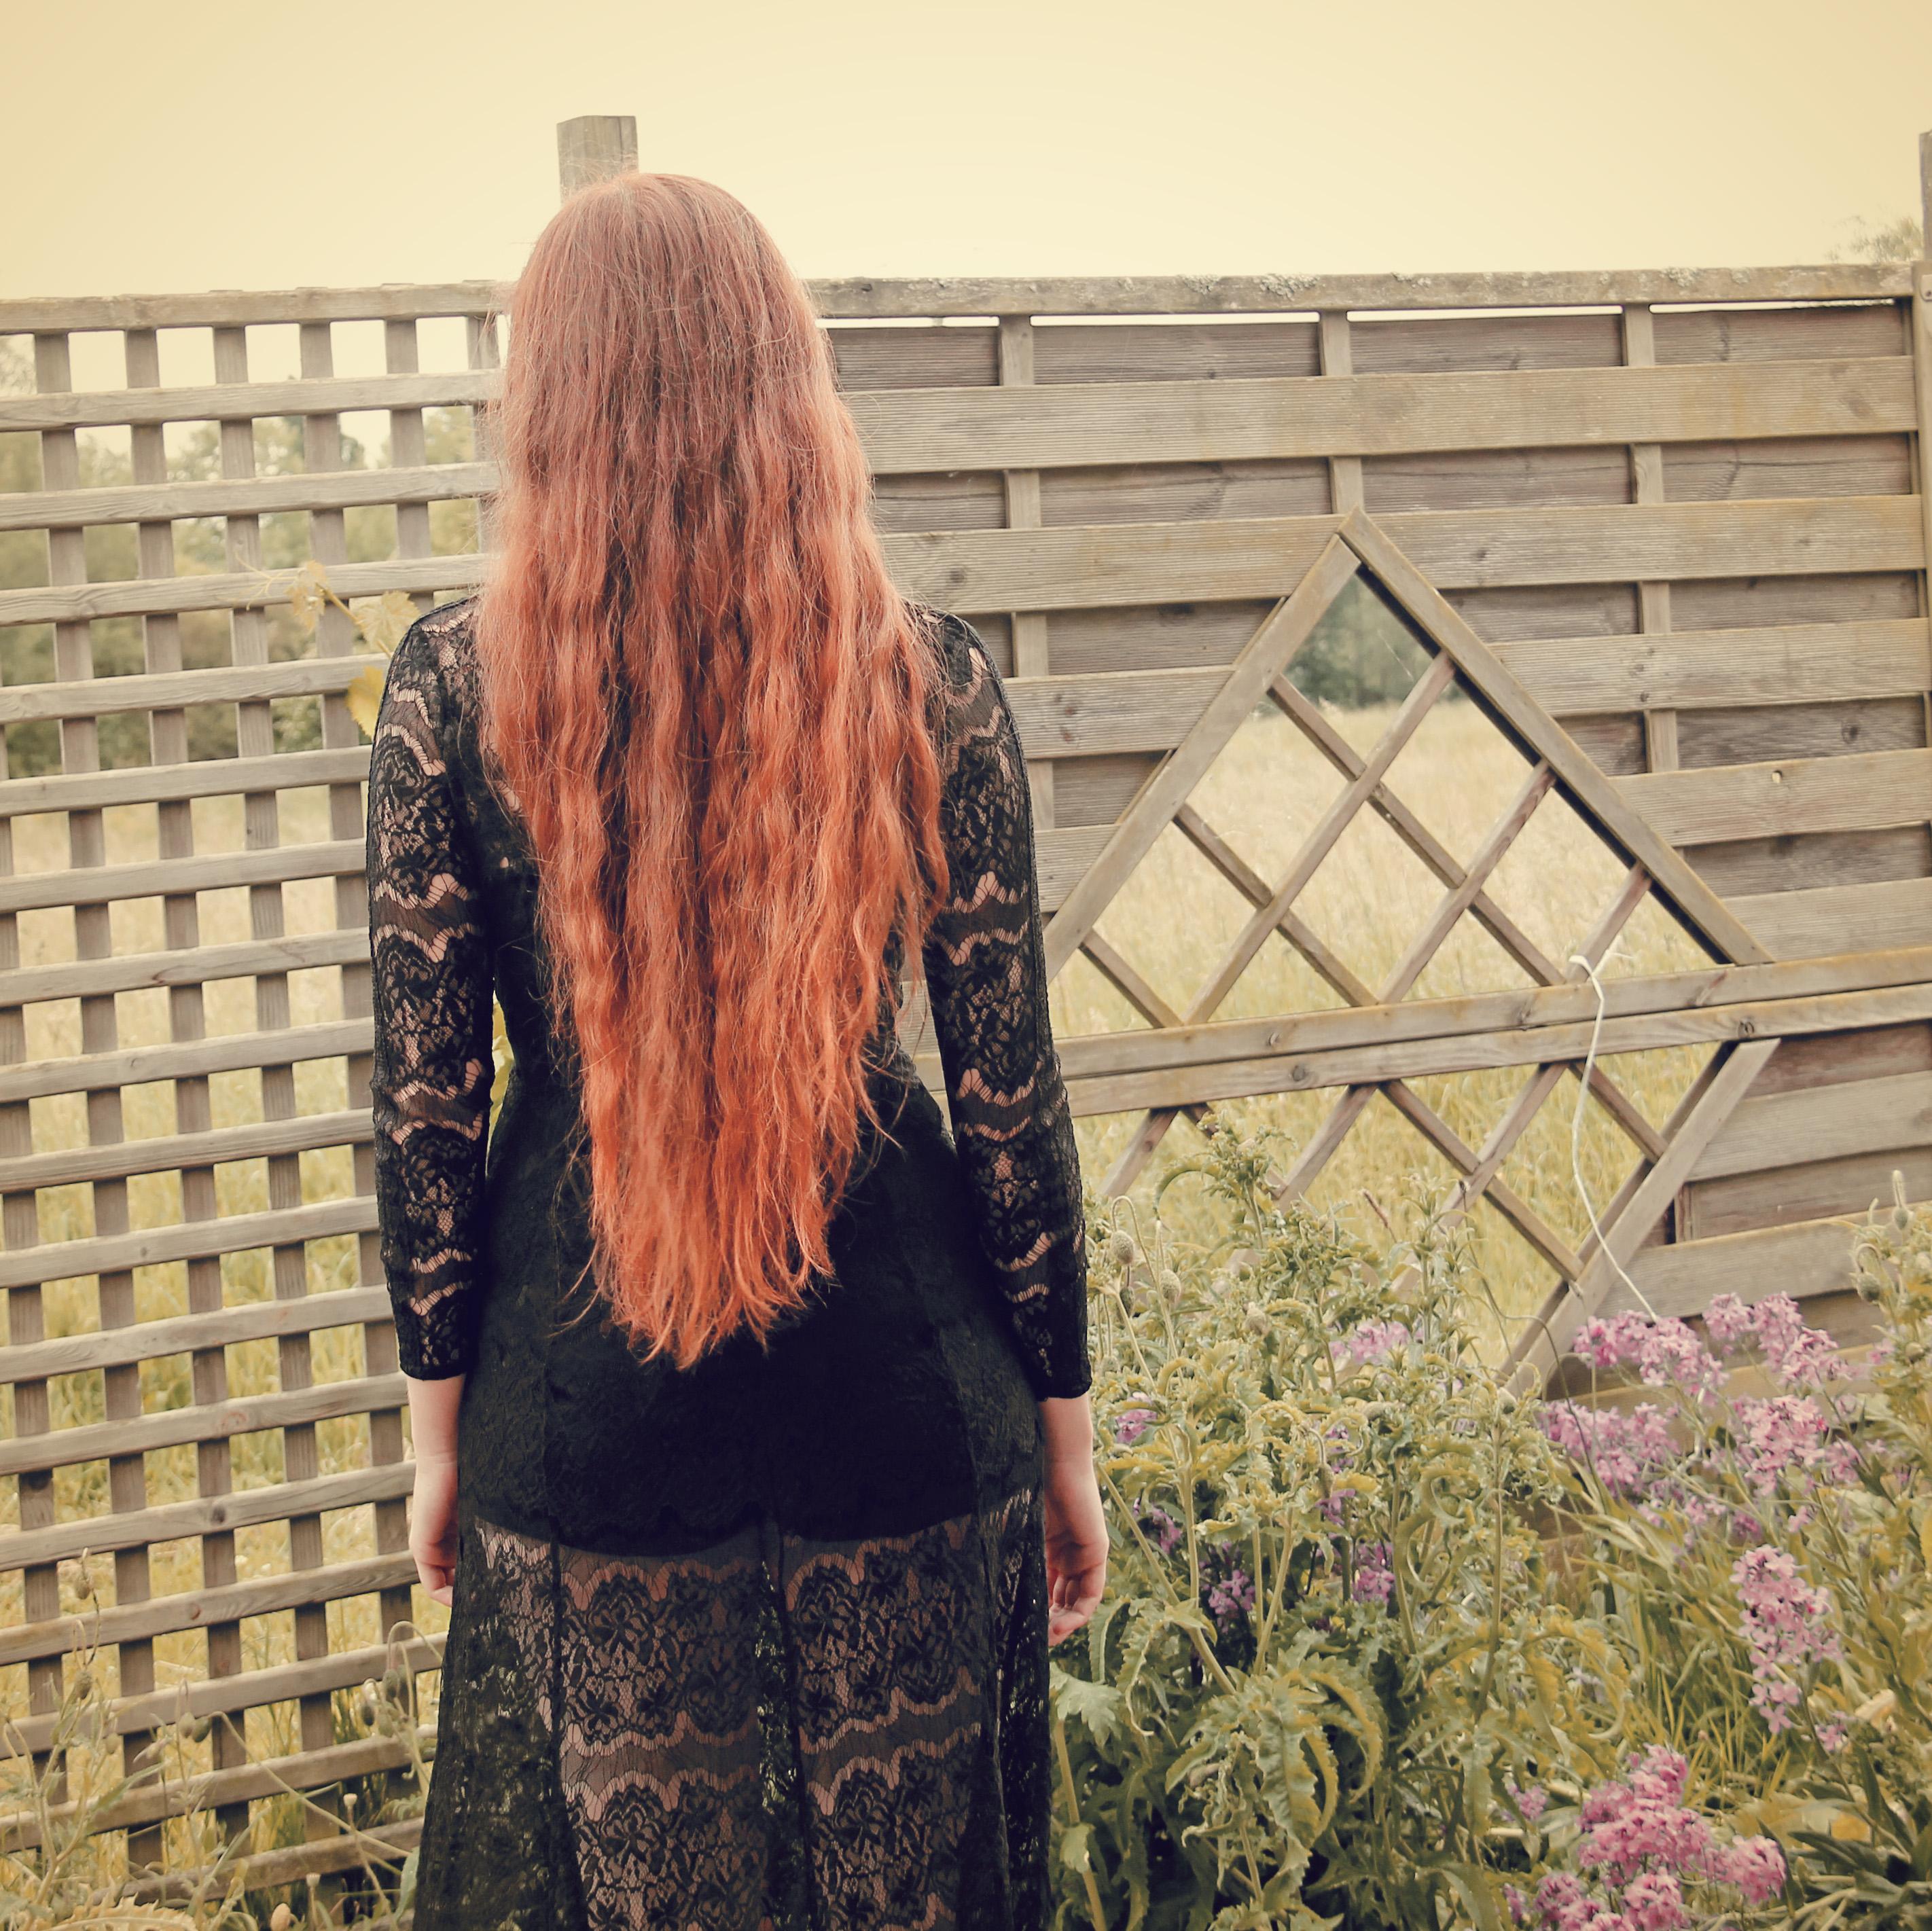 Comment avoir les cheveux longs ?